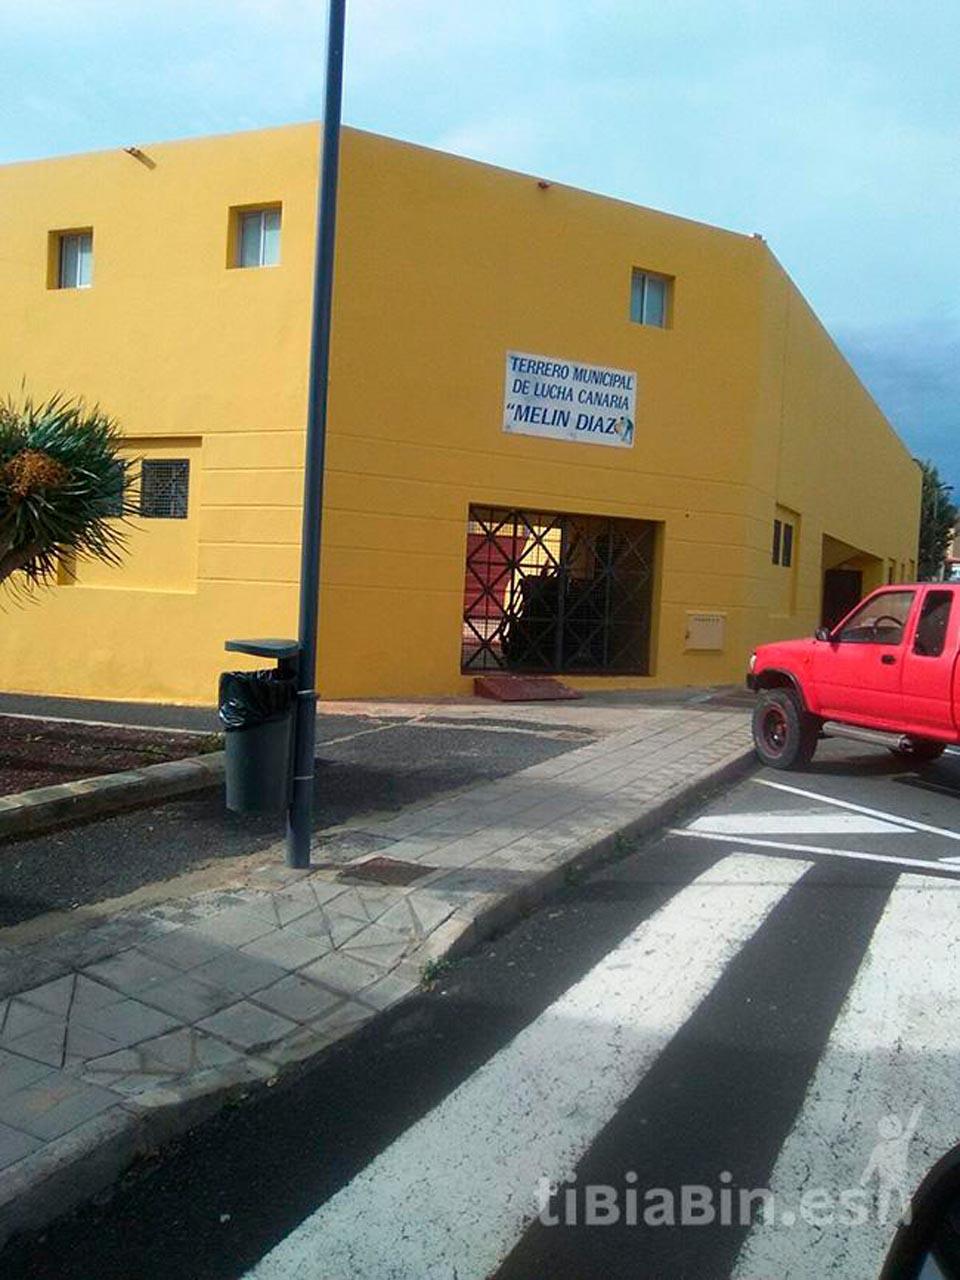 Deportes del Ayuntamiento de Pájara mejora el Terrero Municipal de Lucha Canaria de La Lajita